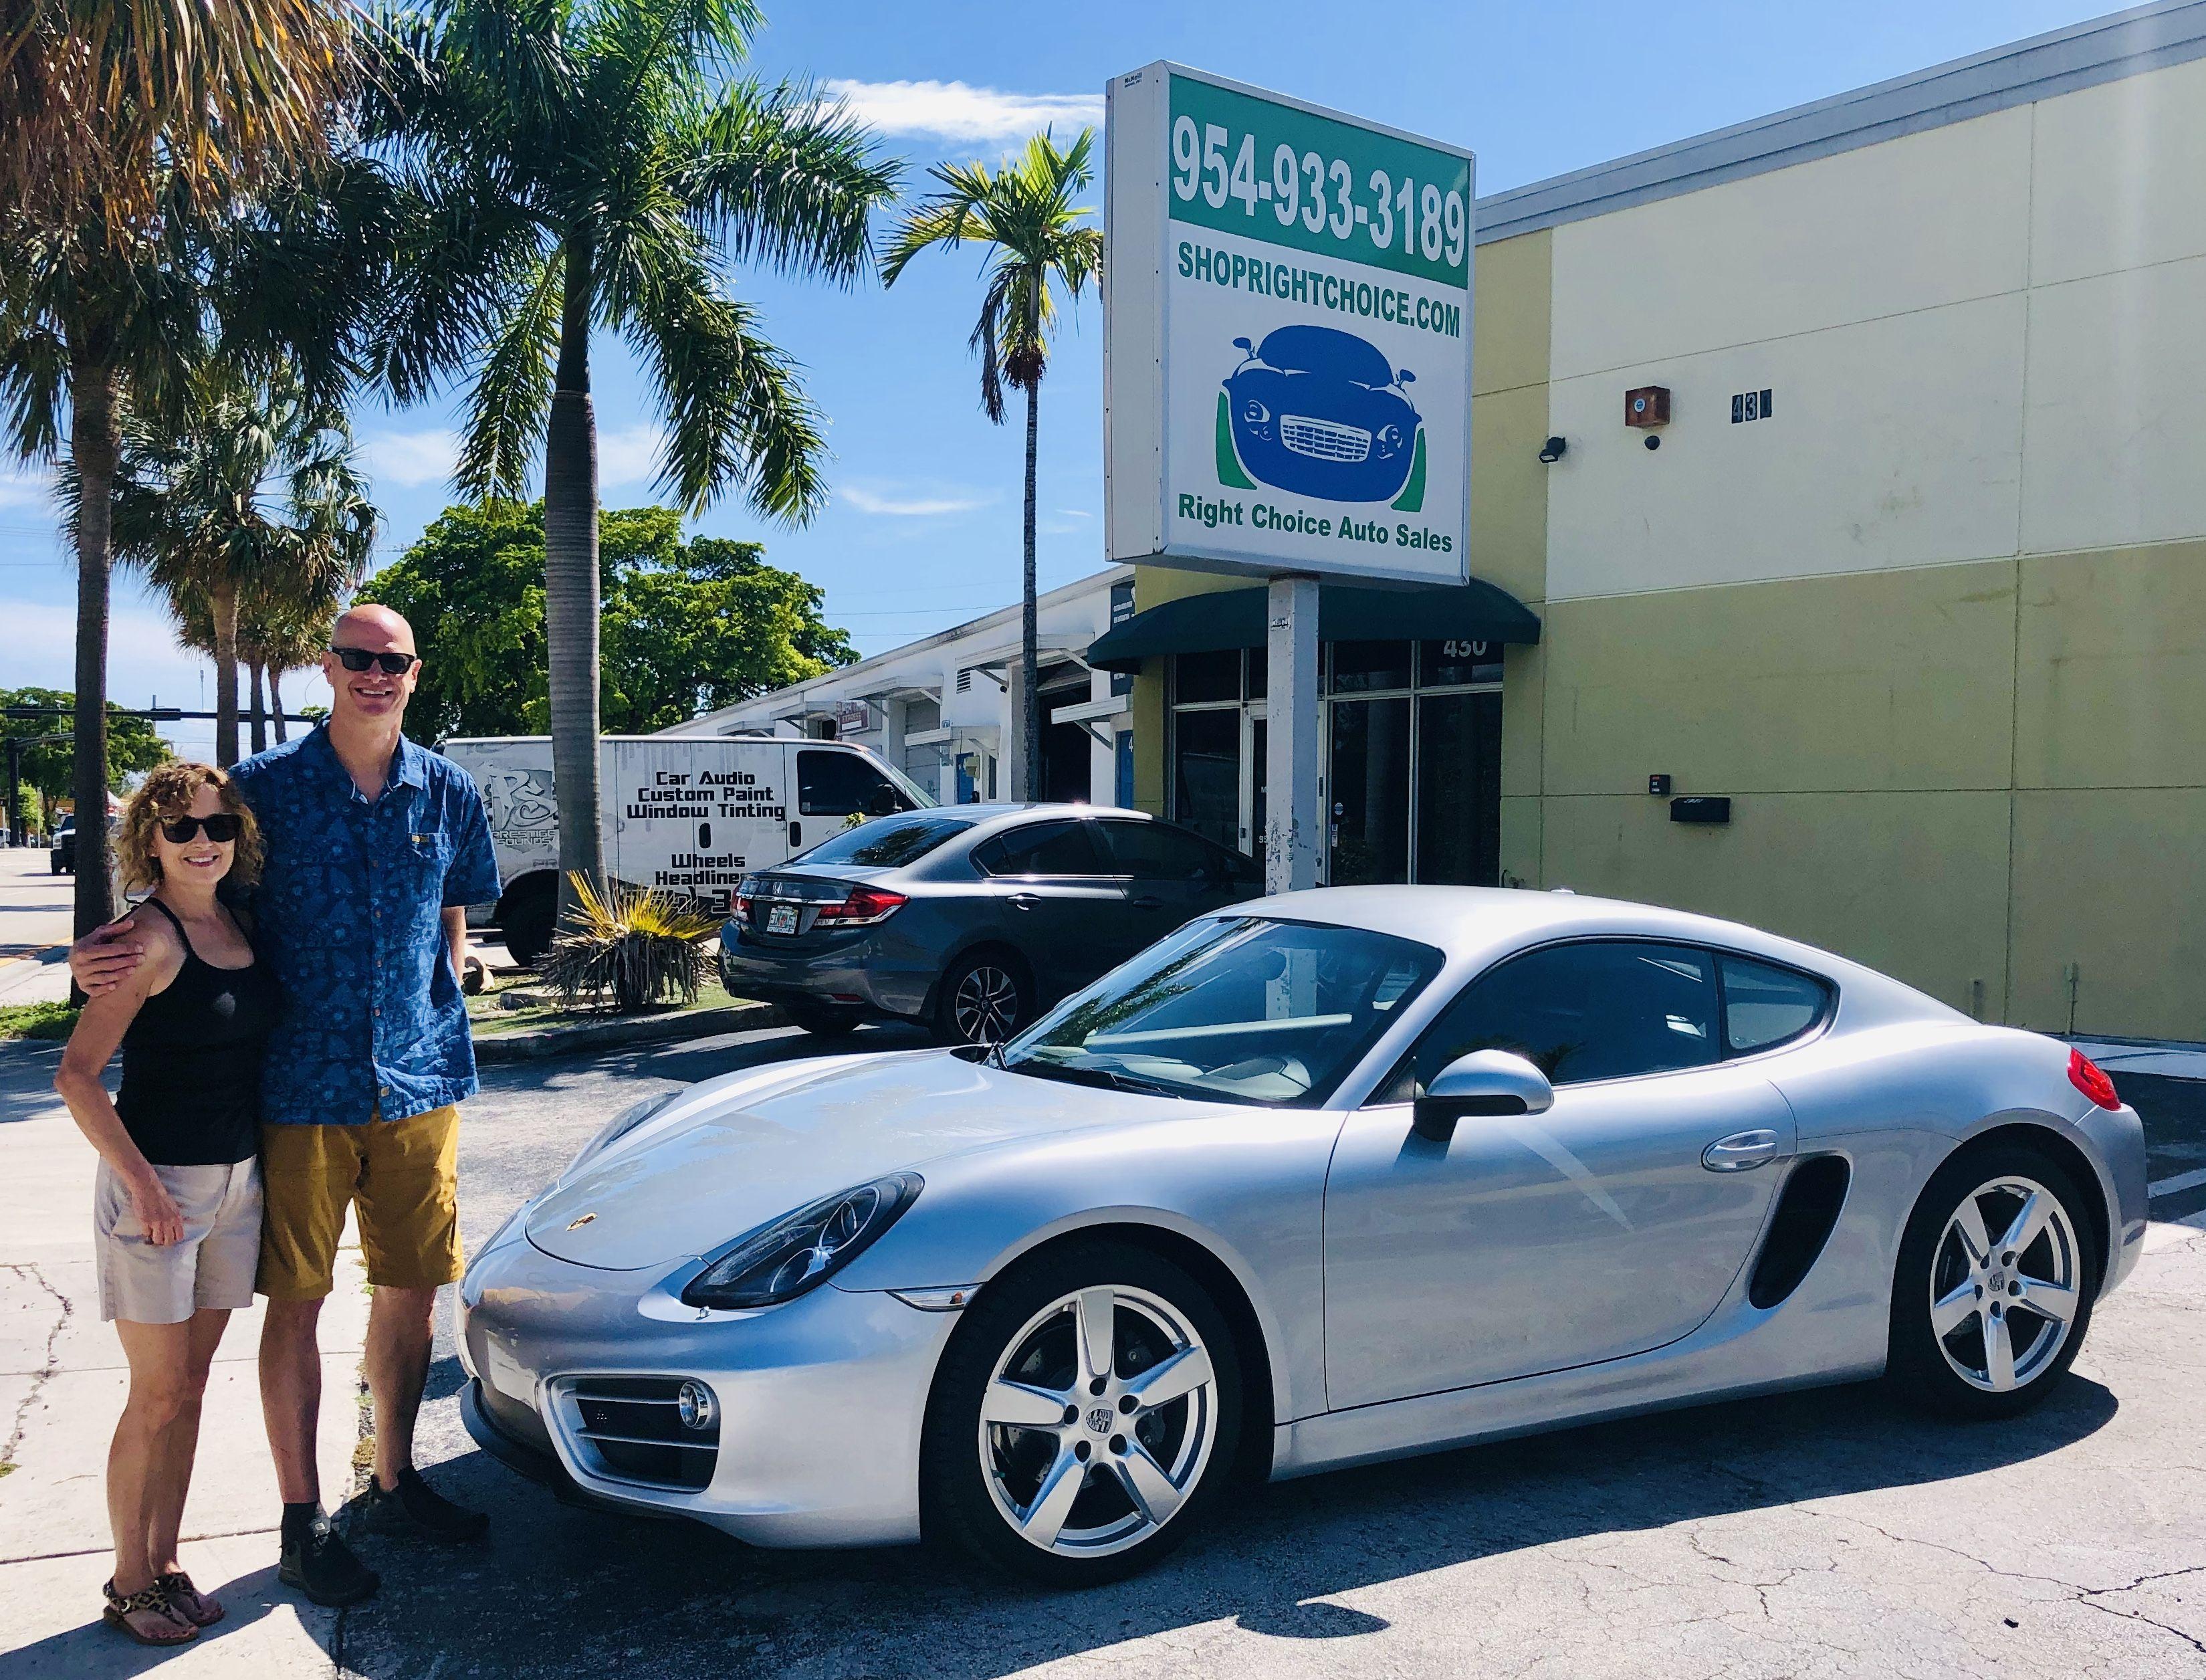 2014 Porsche Cayman At Right Choice Auto Sales 2014 Porsche Cayman Cars For Sale Best Car Deals